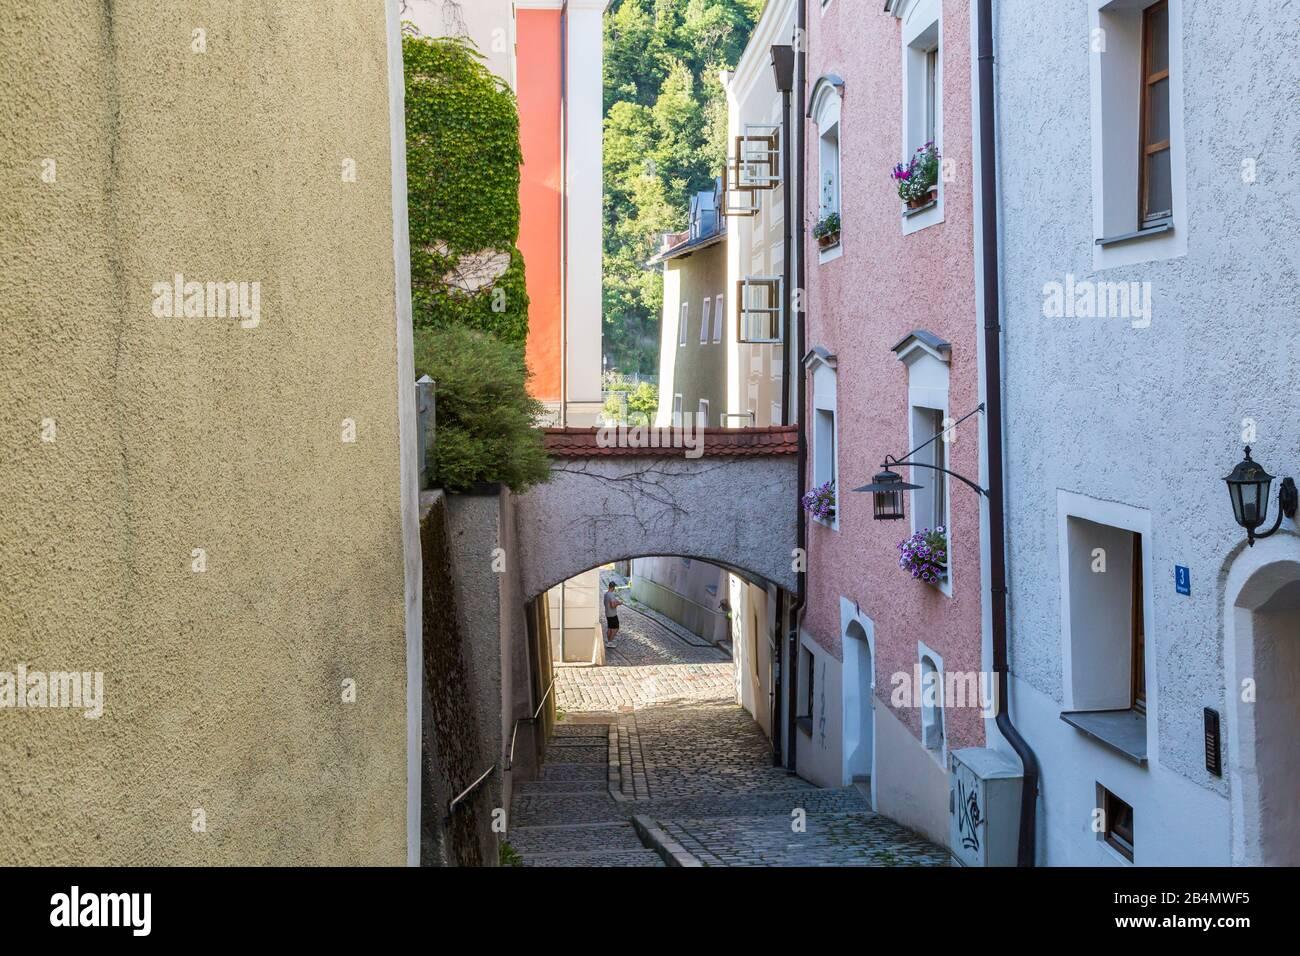 Pittoresque allée pavée étroite à Passau, Bavière, Allemagne en été avec arche entre les bâtiments et vue sur les arbres Banque D'Images